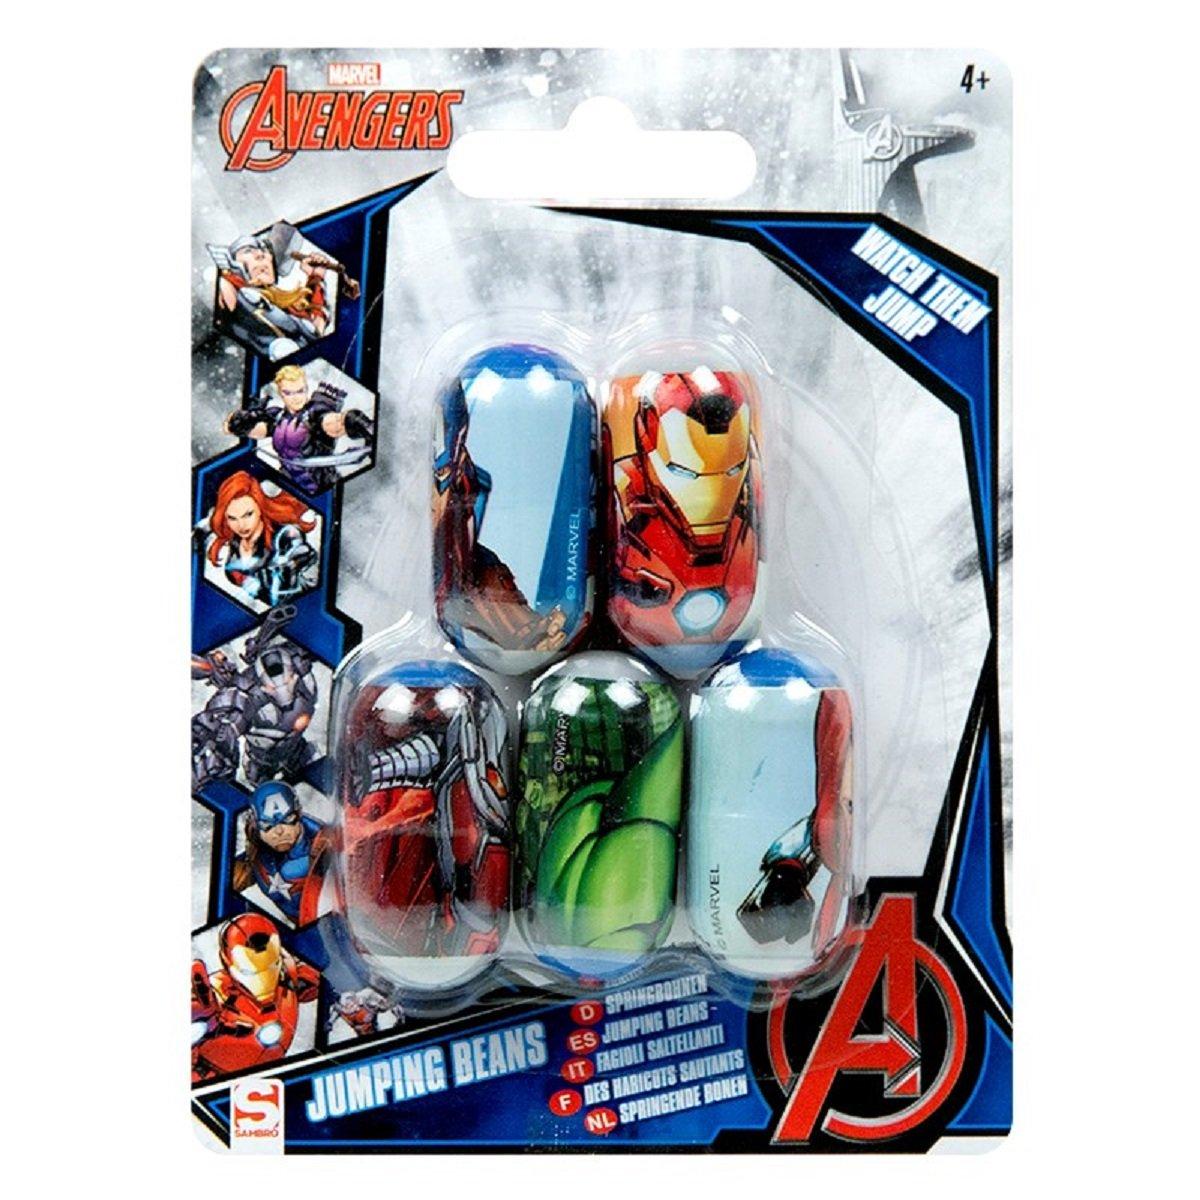 Marvel Avengers 5 Jumping Beans Avenger Iron Man Captain America Hulk Boys Gift